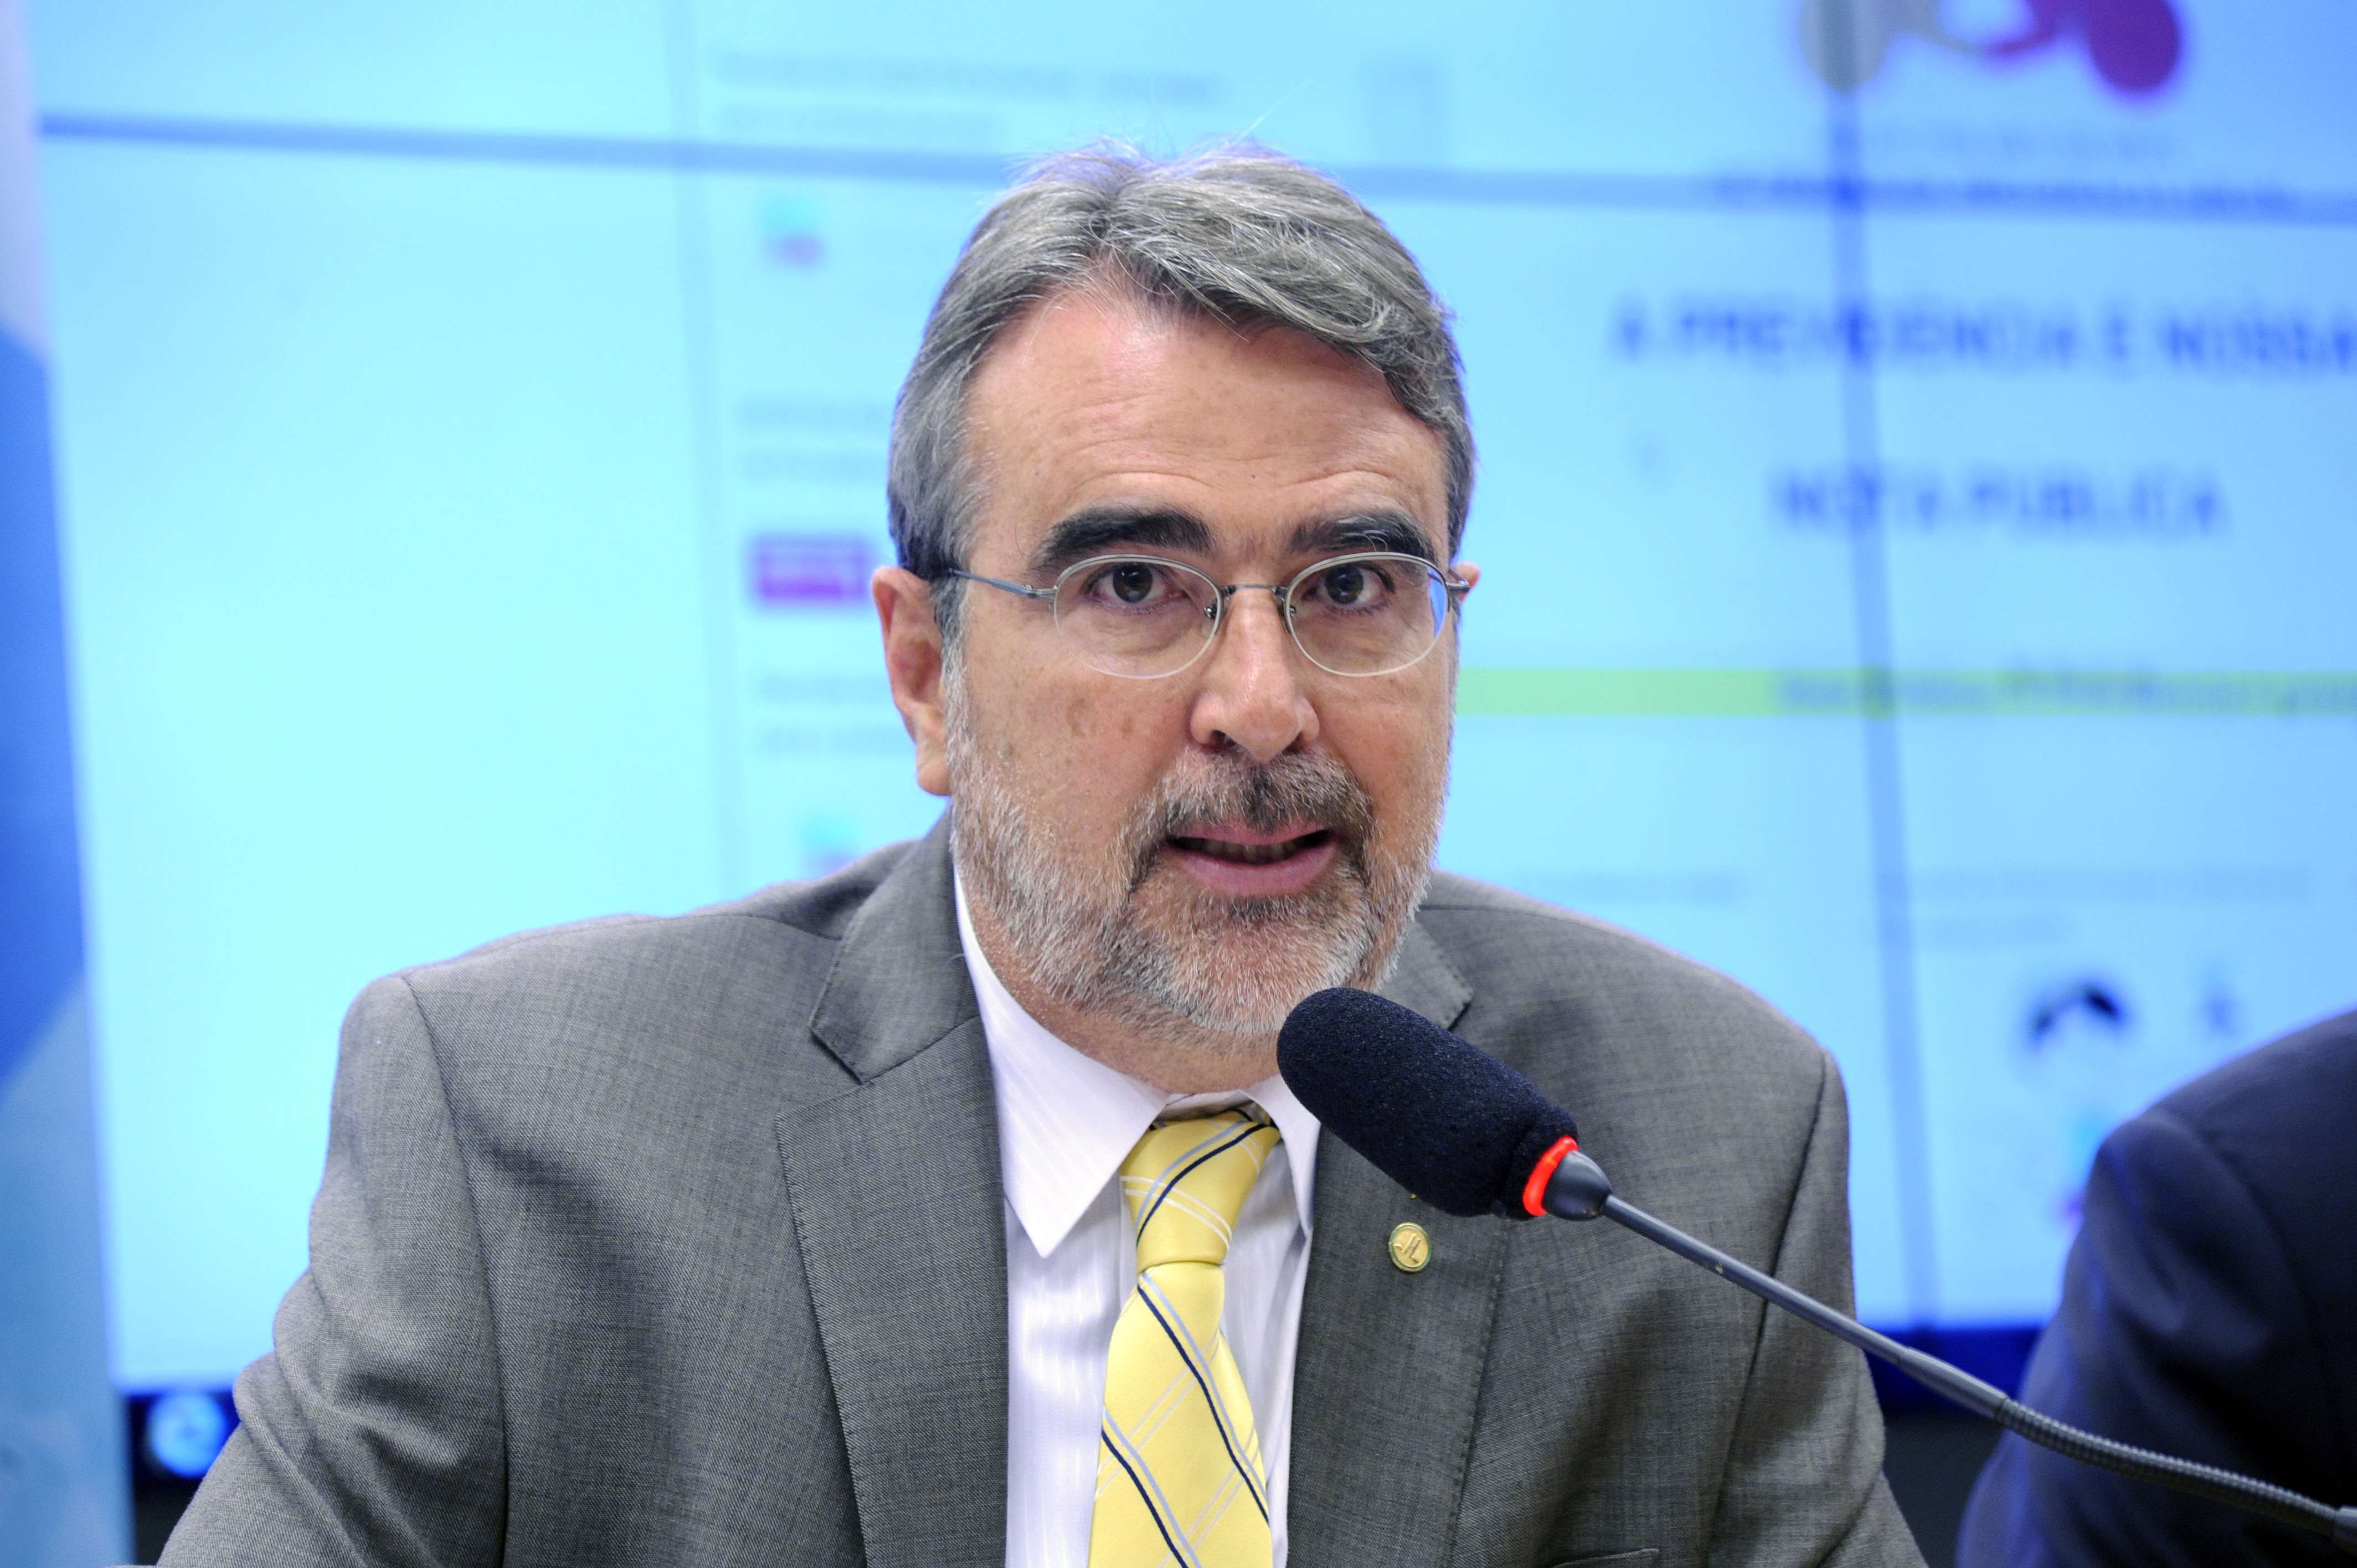 Reunião de trabalho. Dep. Henrique Fontana (PT - RS)